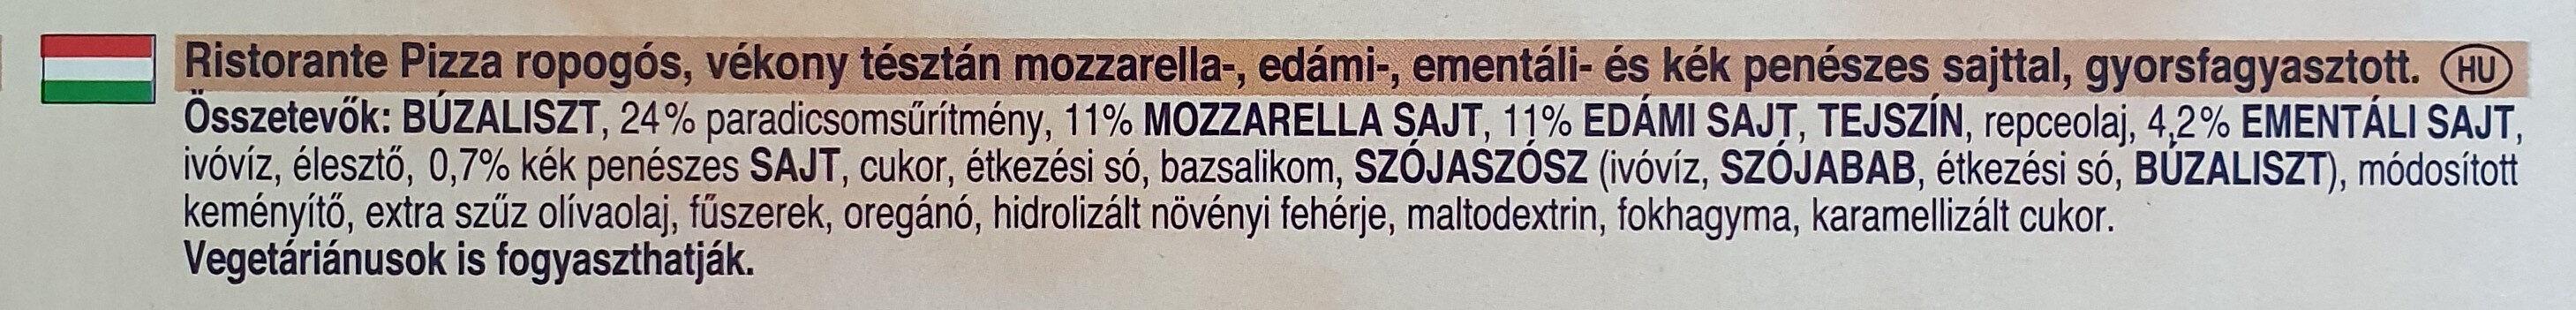 Ristorante Pizza Quattro Formaggi - Ingrédients - hu